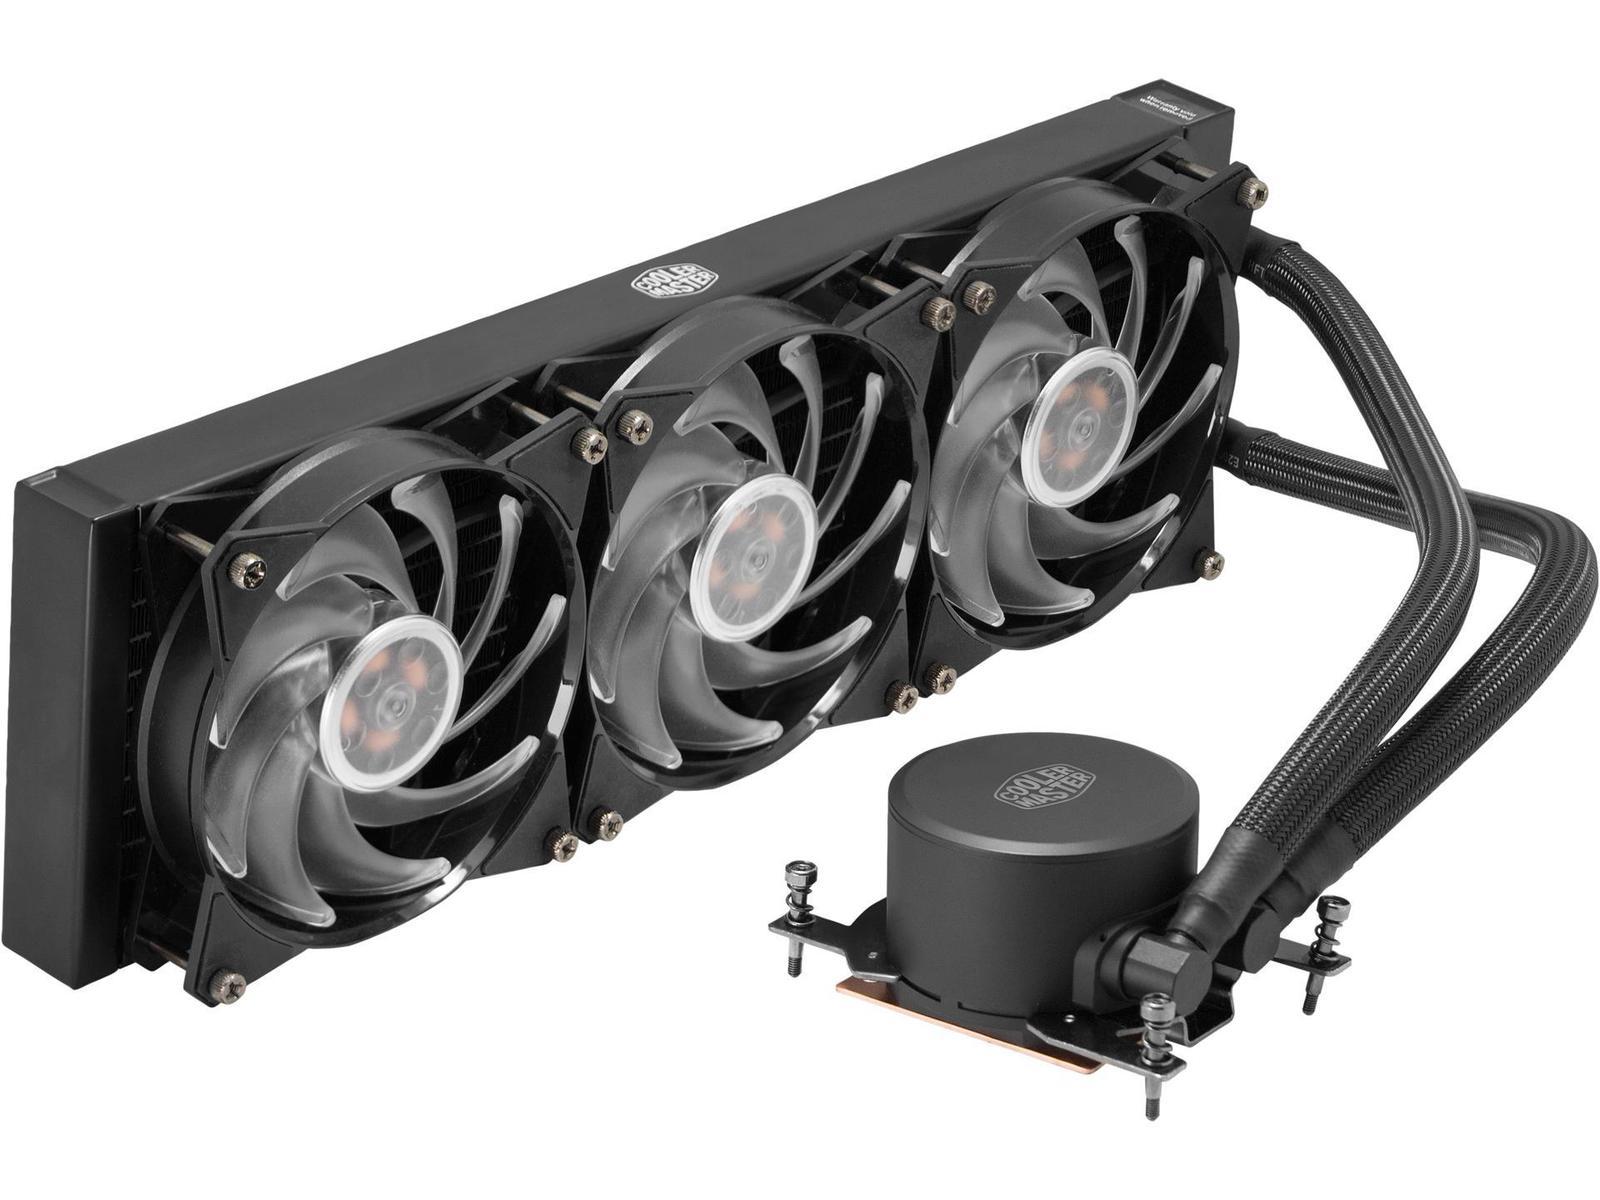 Cooler Master MasterLiquid ML360 RGB TR4 Edition 66.7 CFM Liquid CPU Cooler